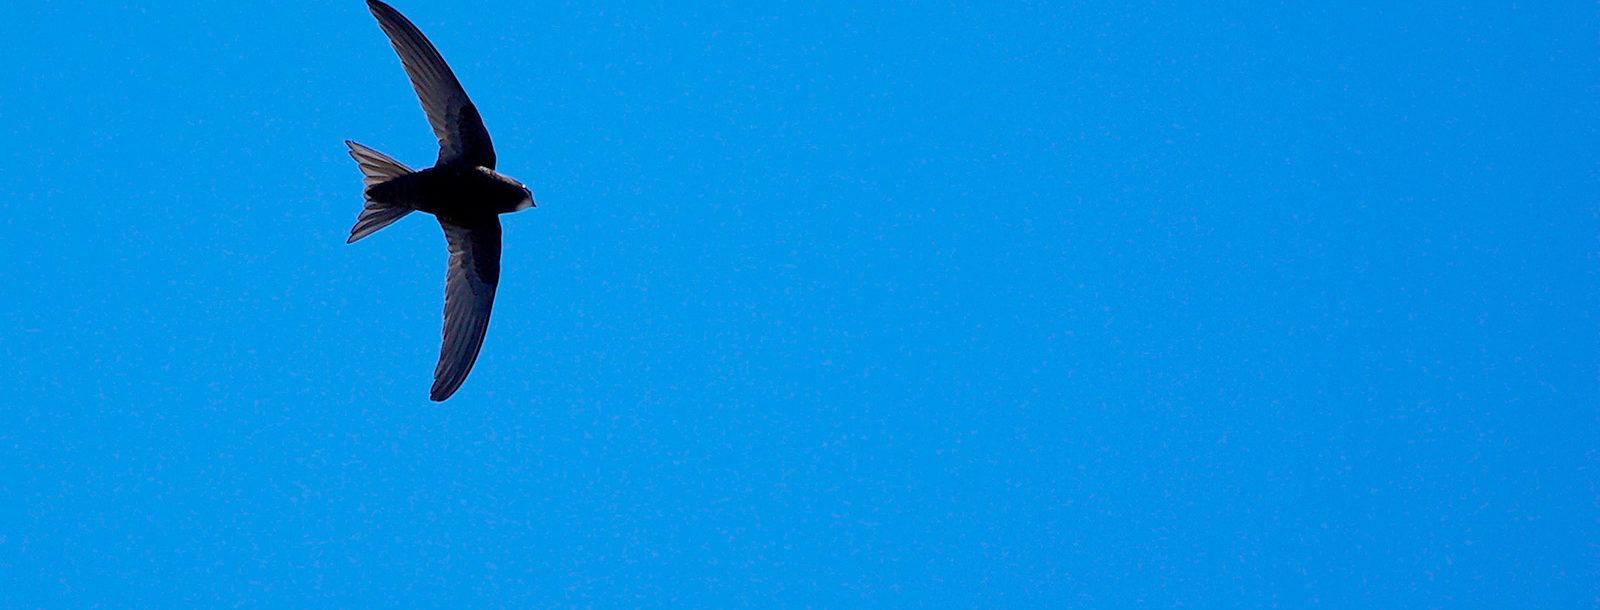 Un martinet noir sur ciel bleu